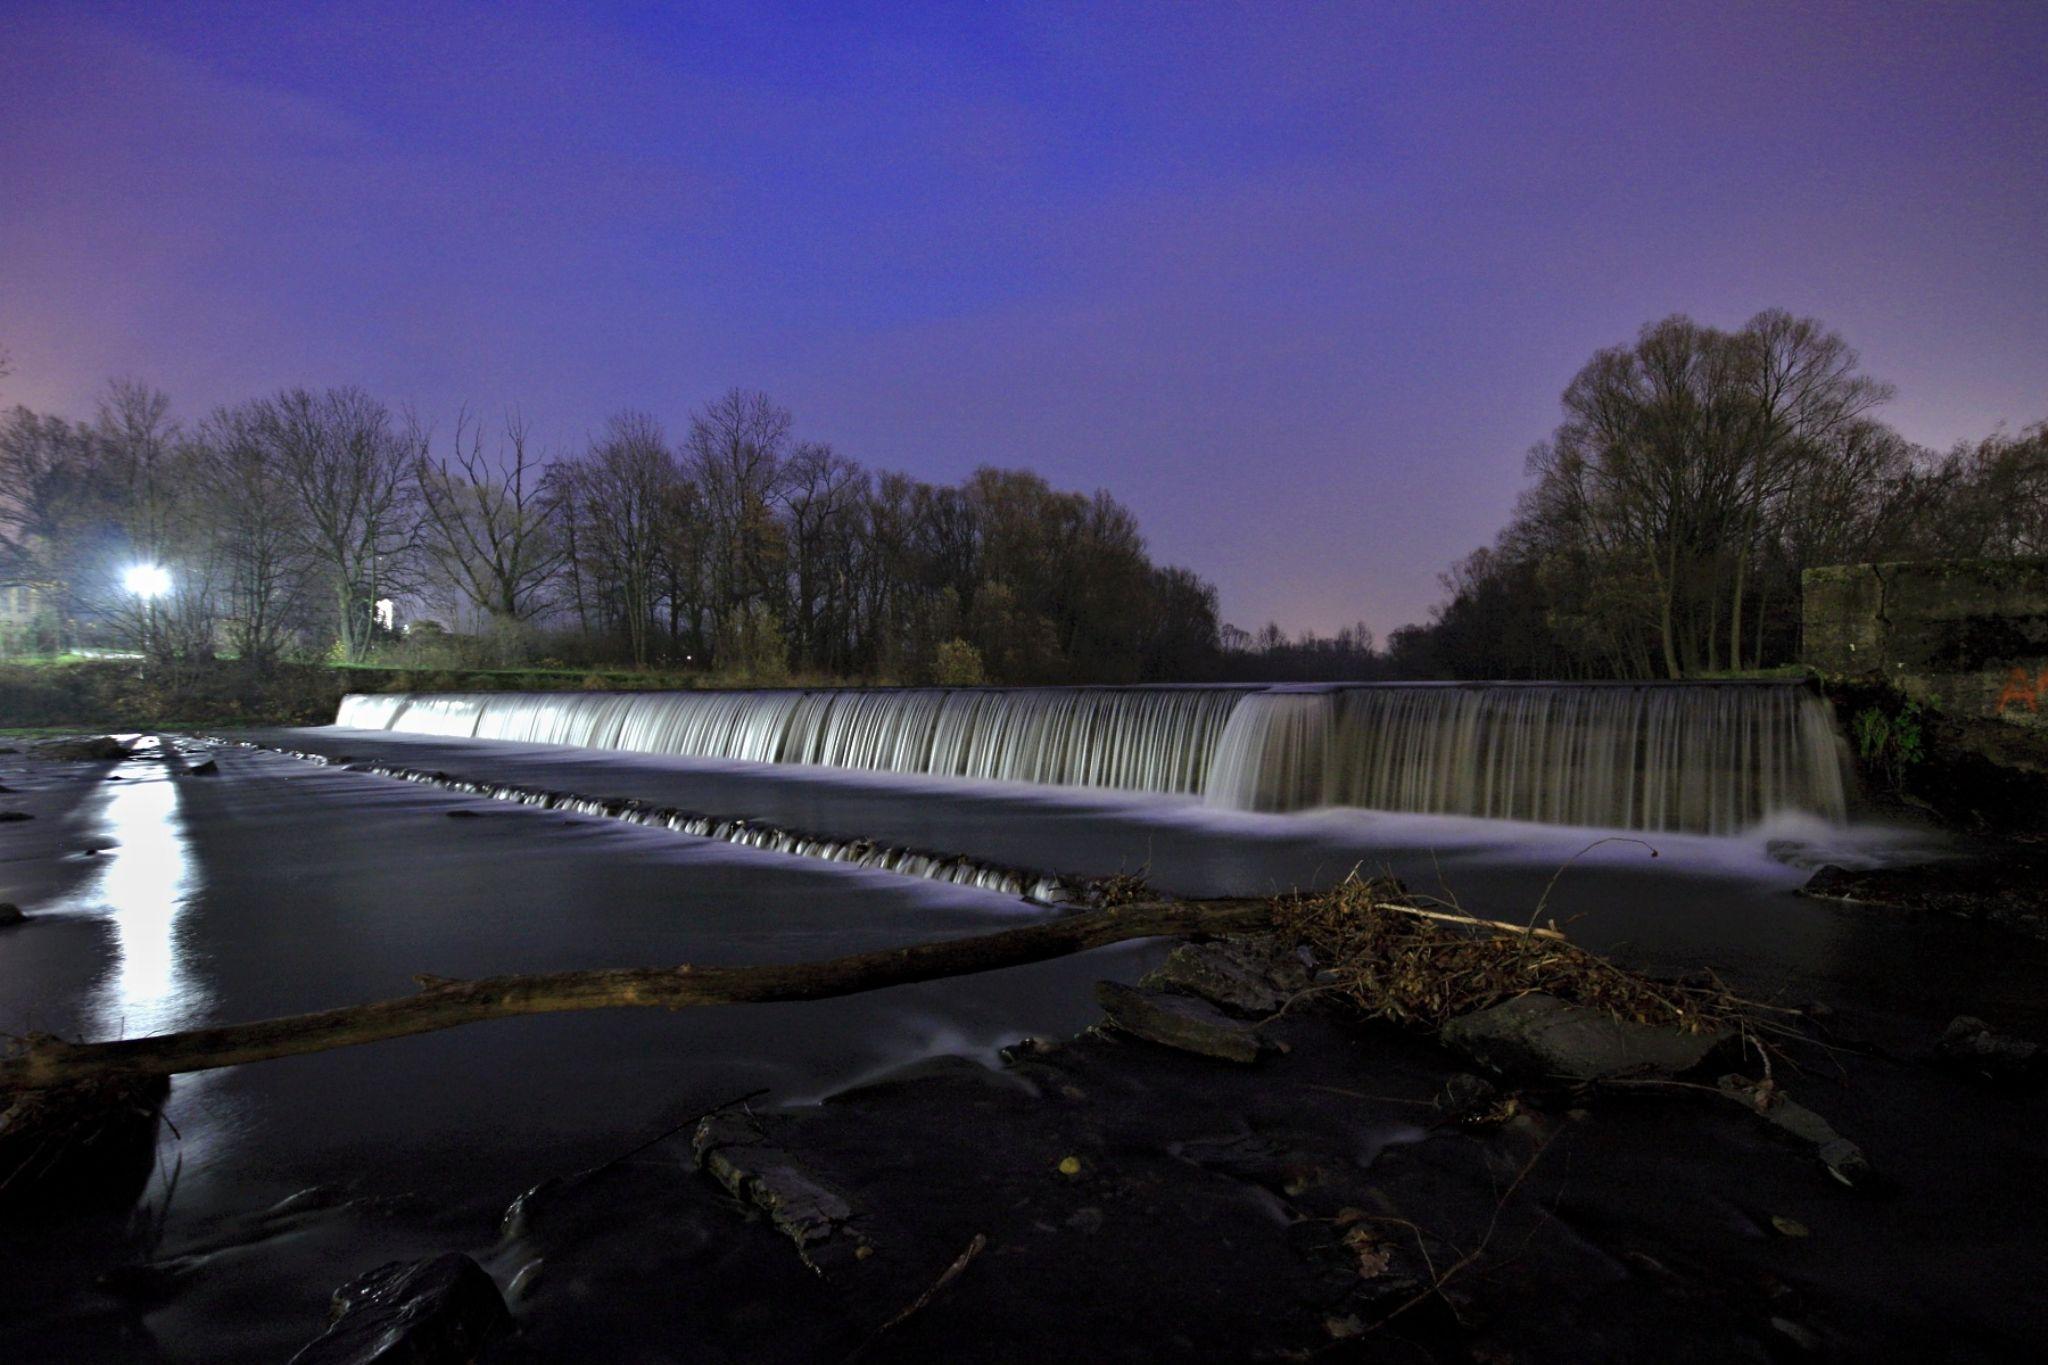 night river by Stenly Priesol